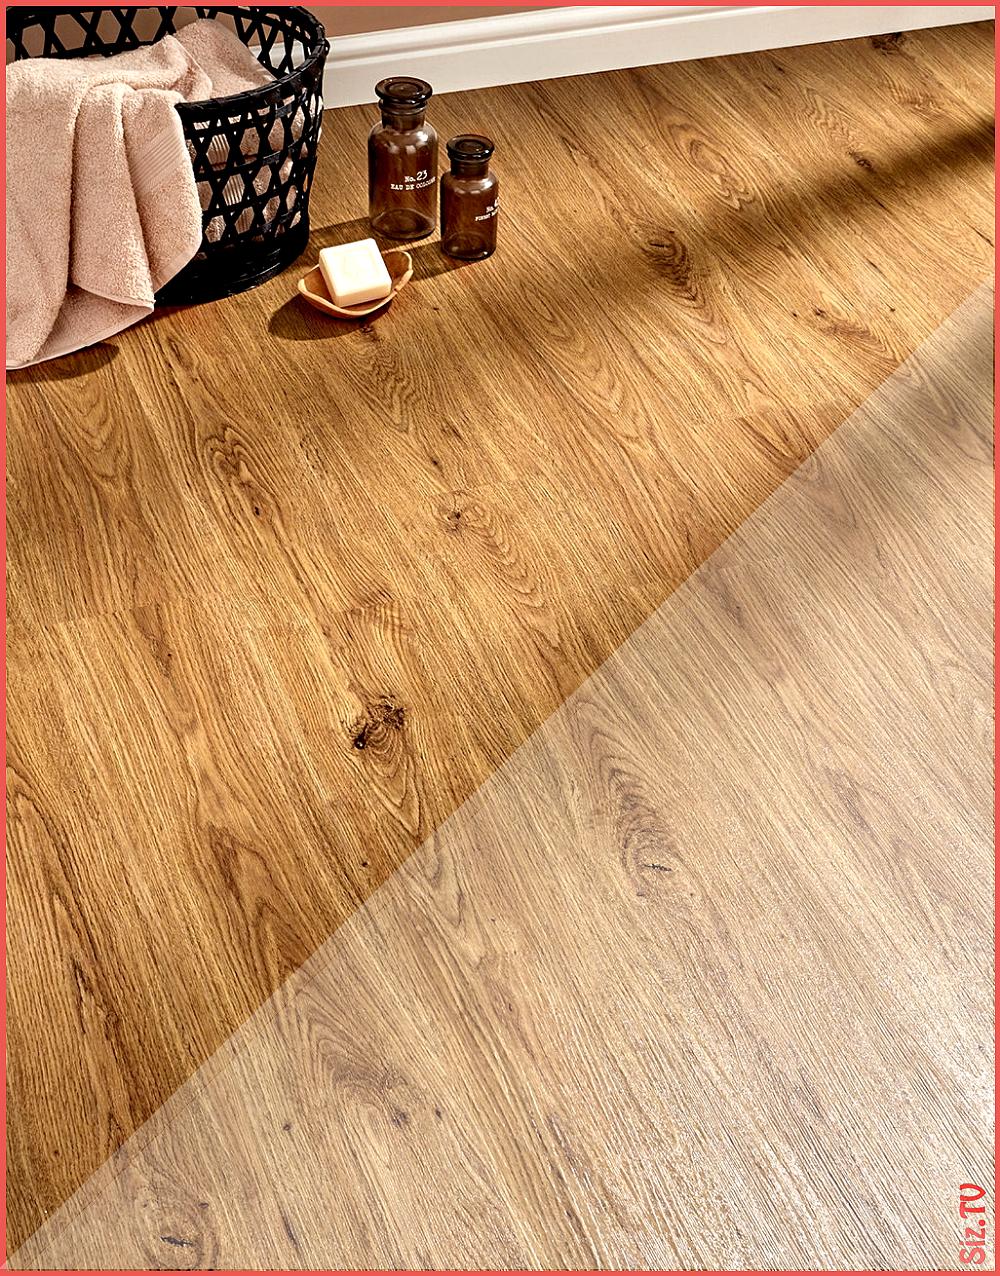 Turin Natural Oak Lvt Flooring Turin Natural Oak Lvt Flooring Florin Bilea Bileapetrica Lvt The Natural Oak Luxur Lvt Flooring Luxury Vinyl Flooring Flooring